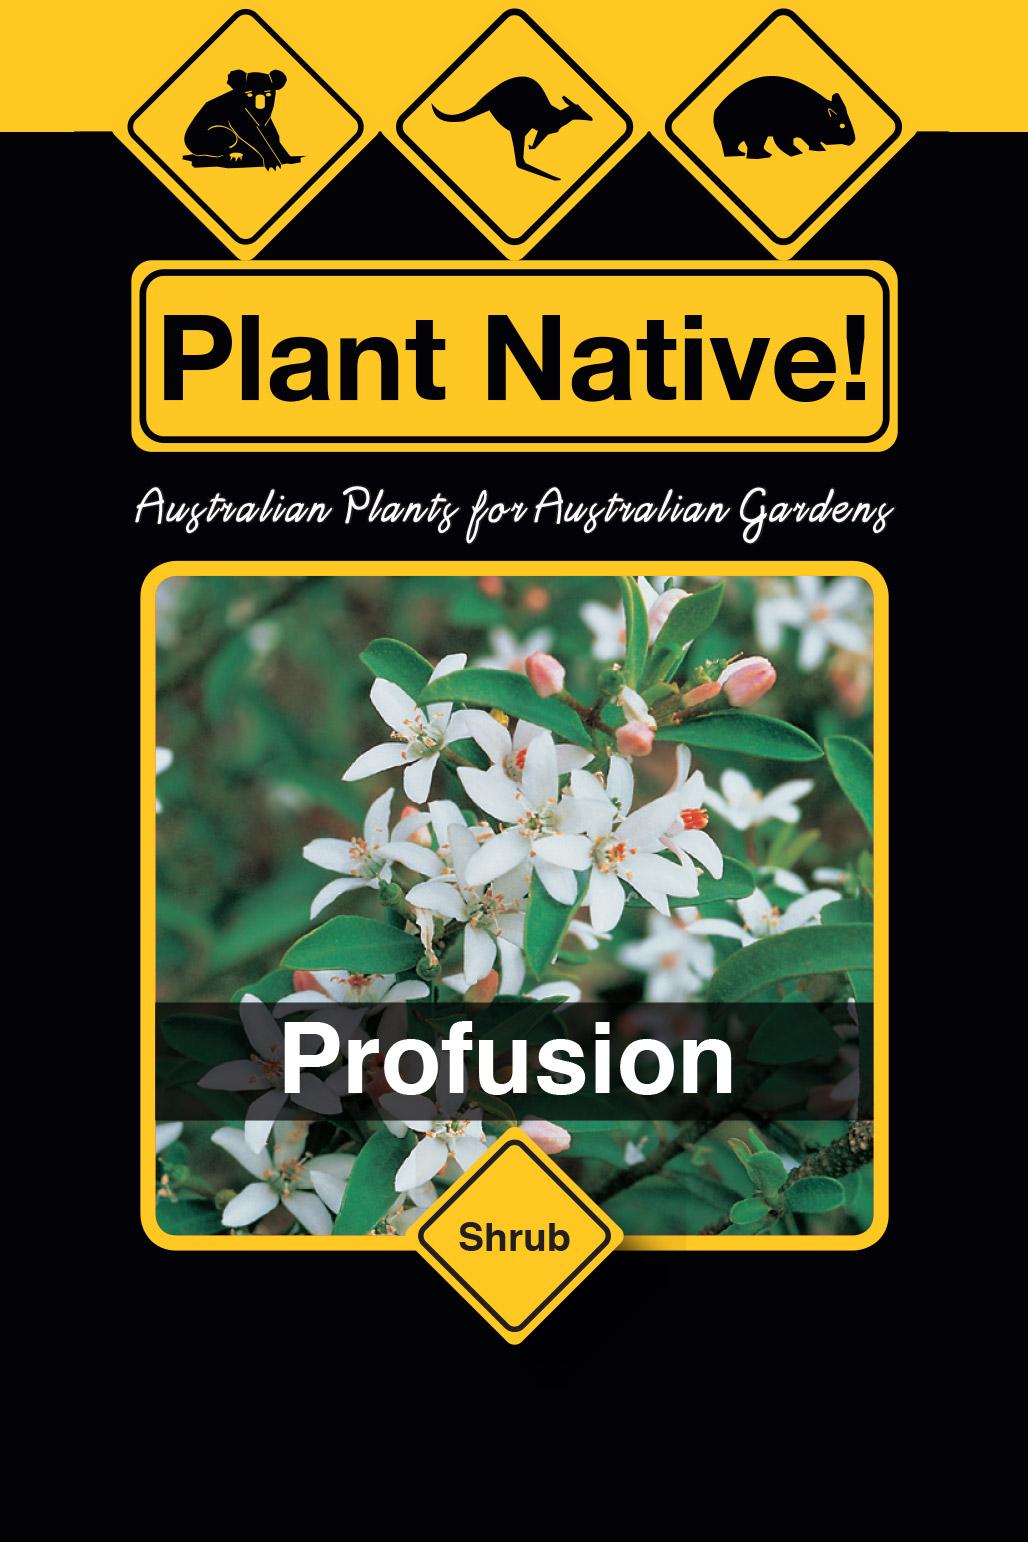 Profusion - Plant Native!